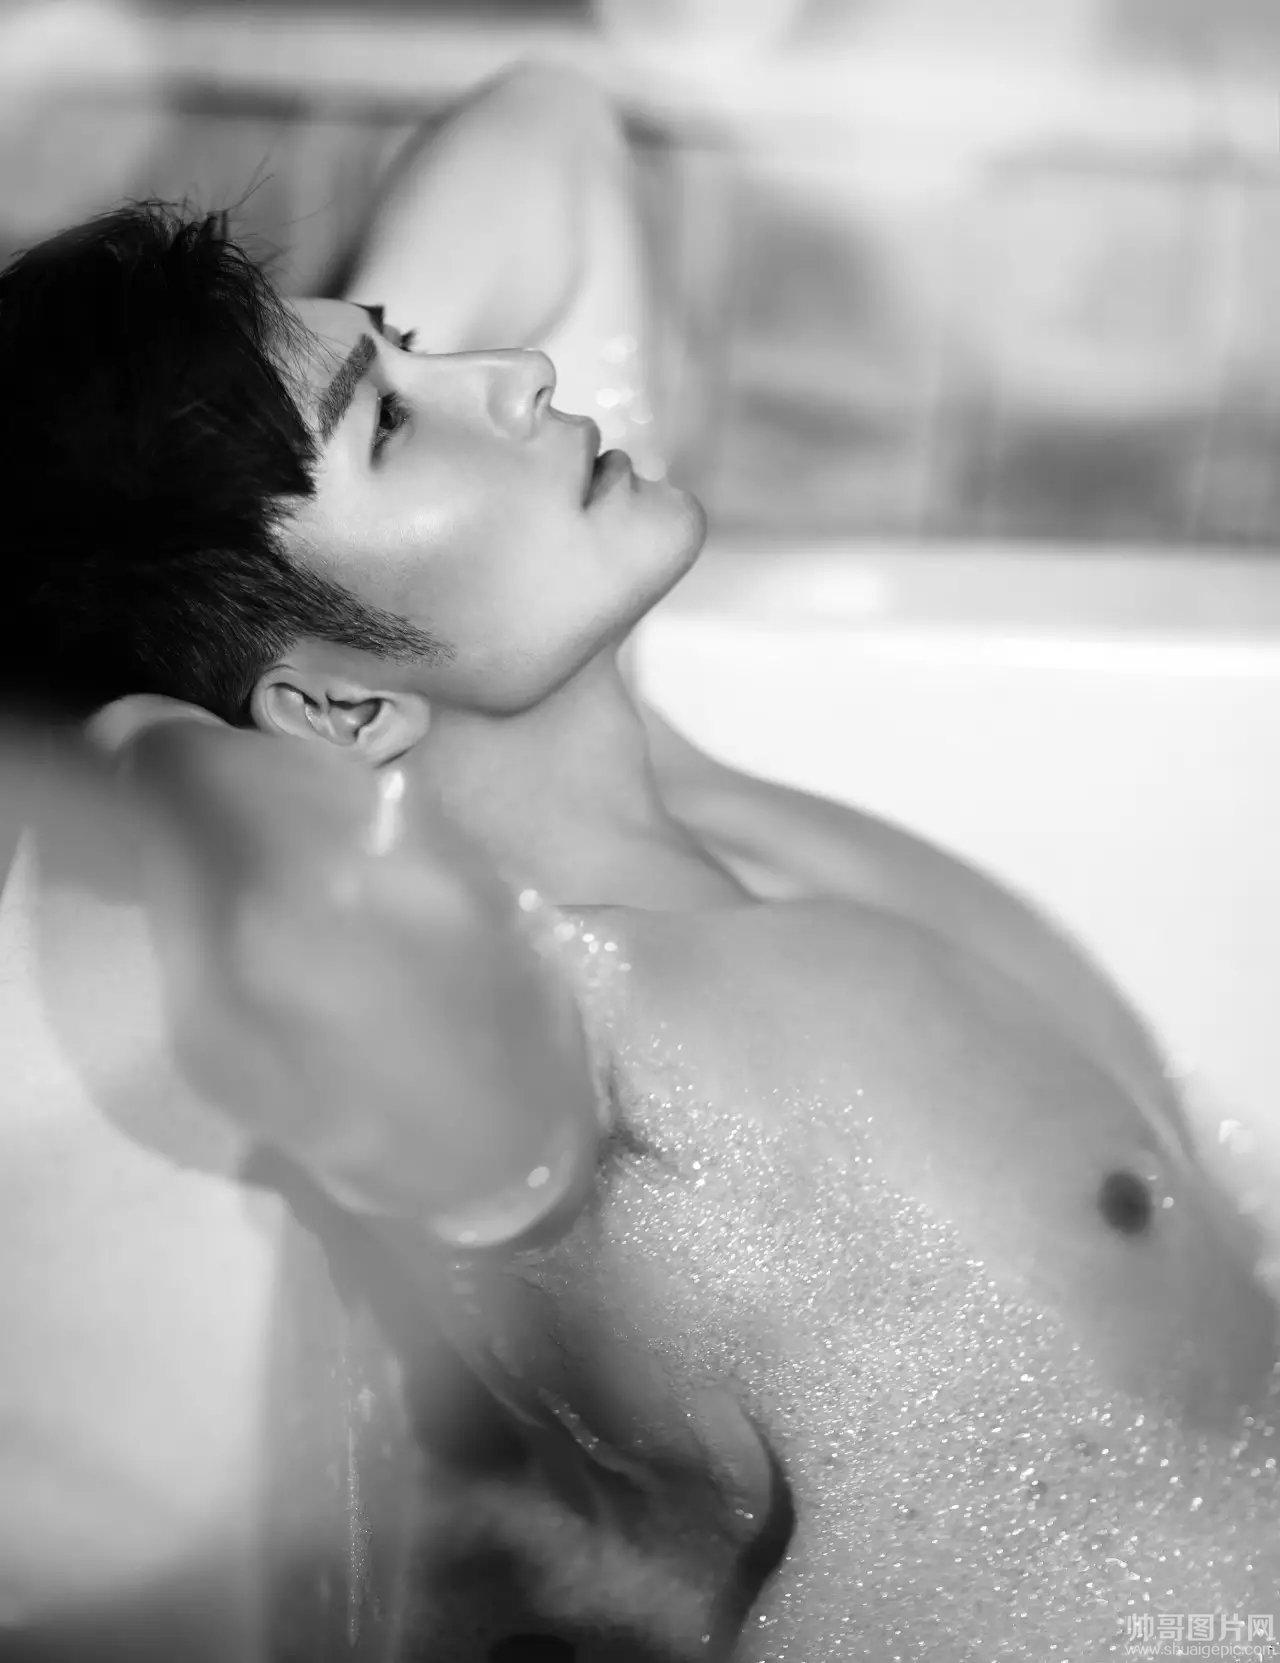 肌肉帅哥洗澡图片 帅哥浴室洗澡打枪